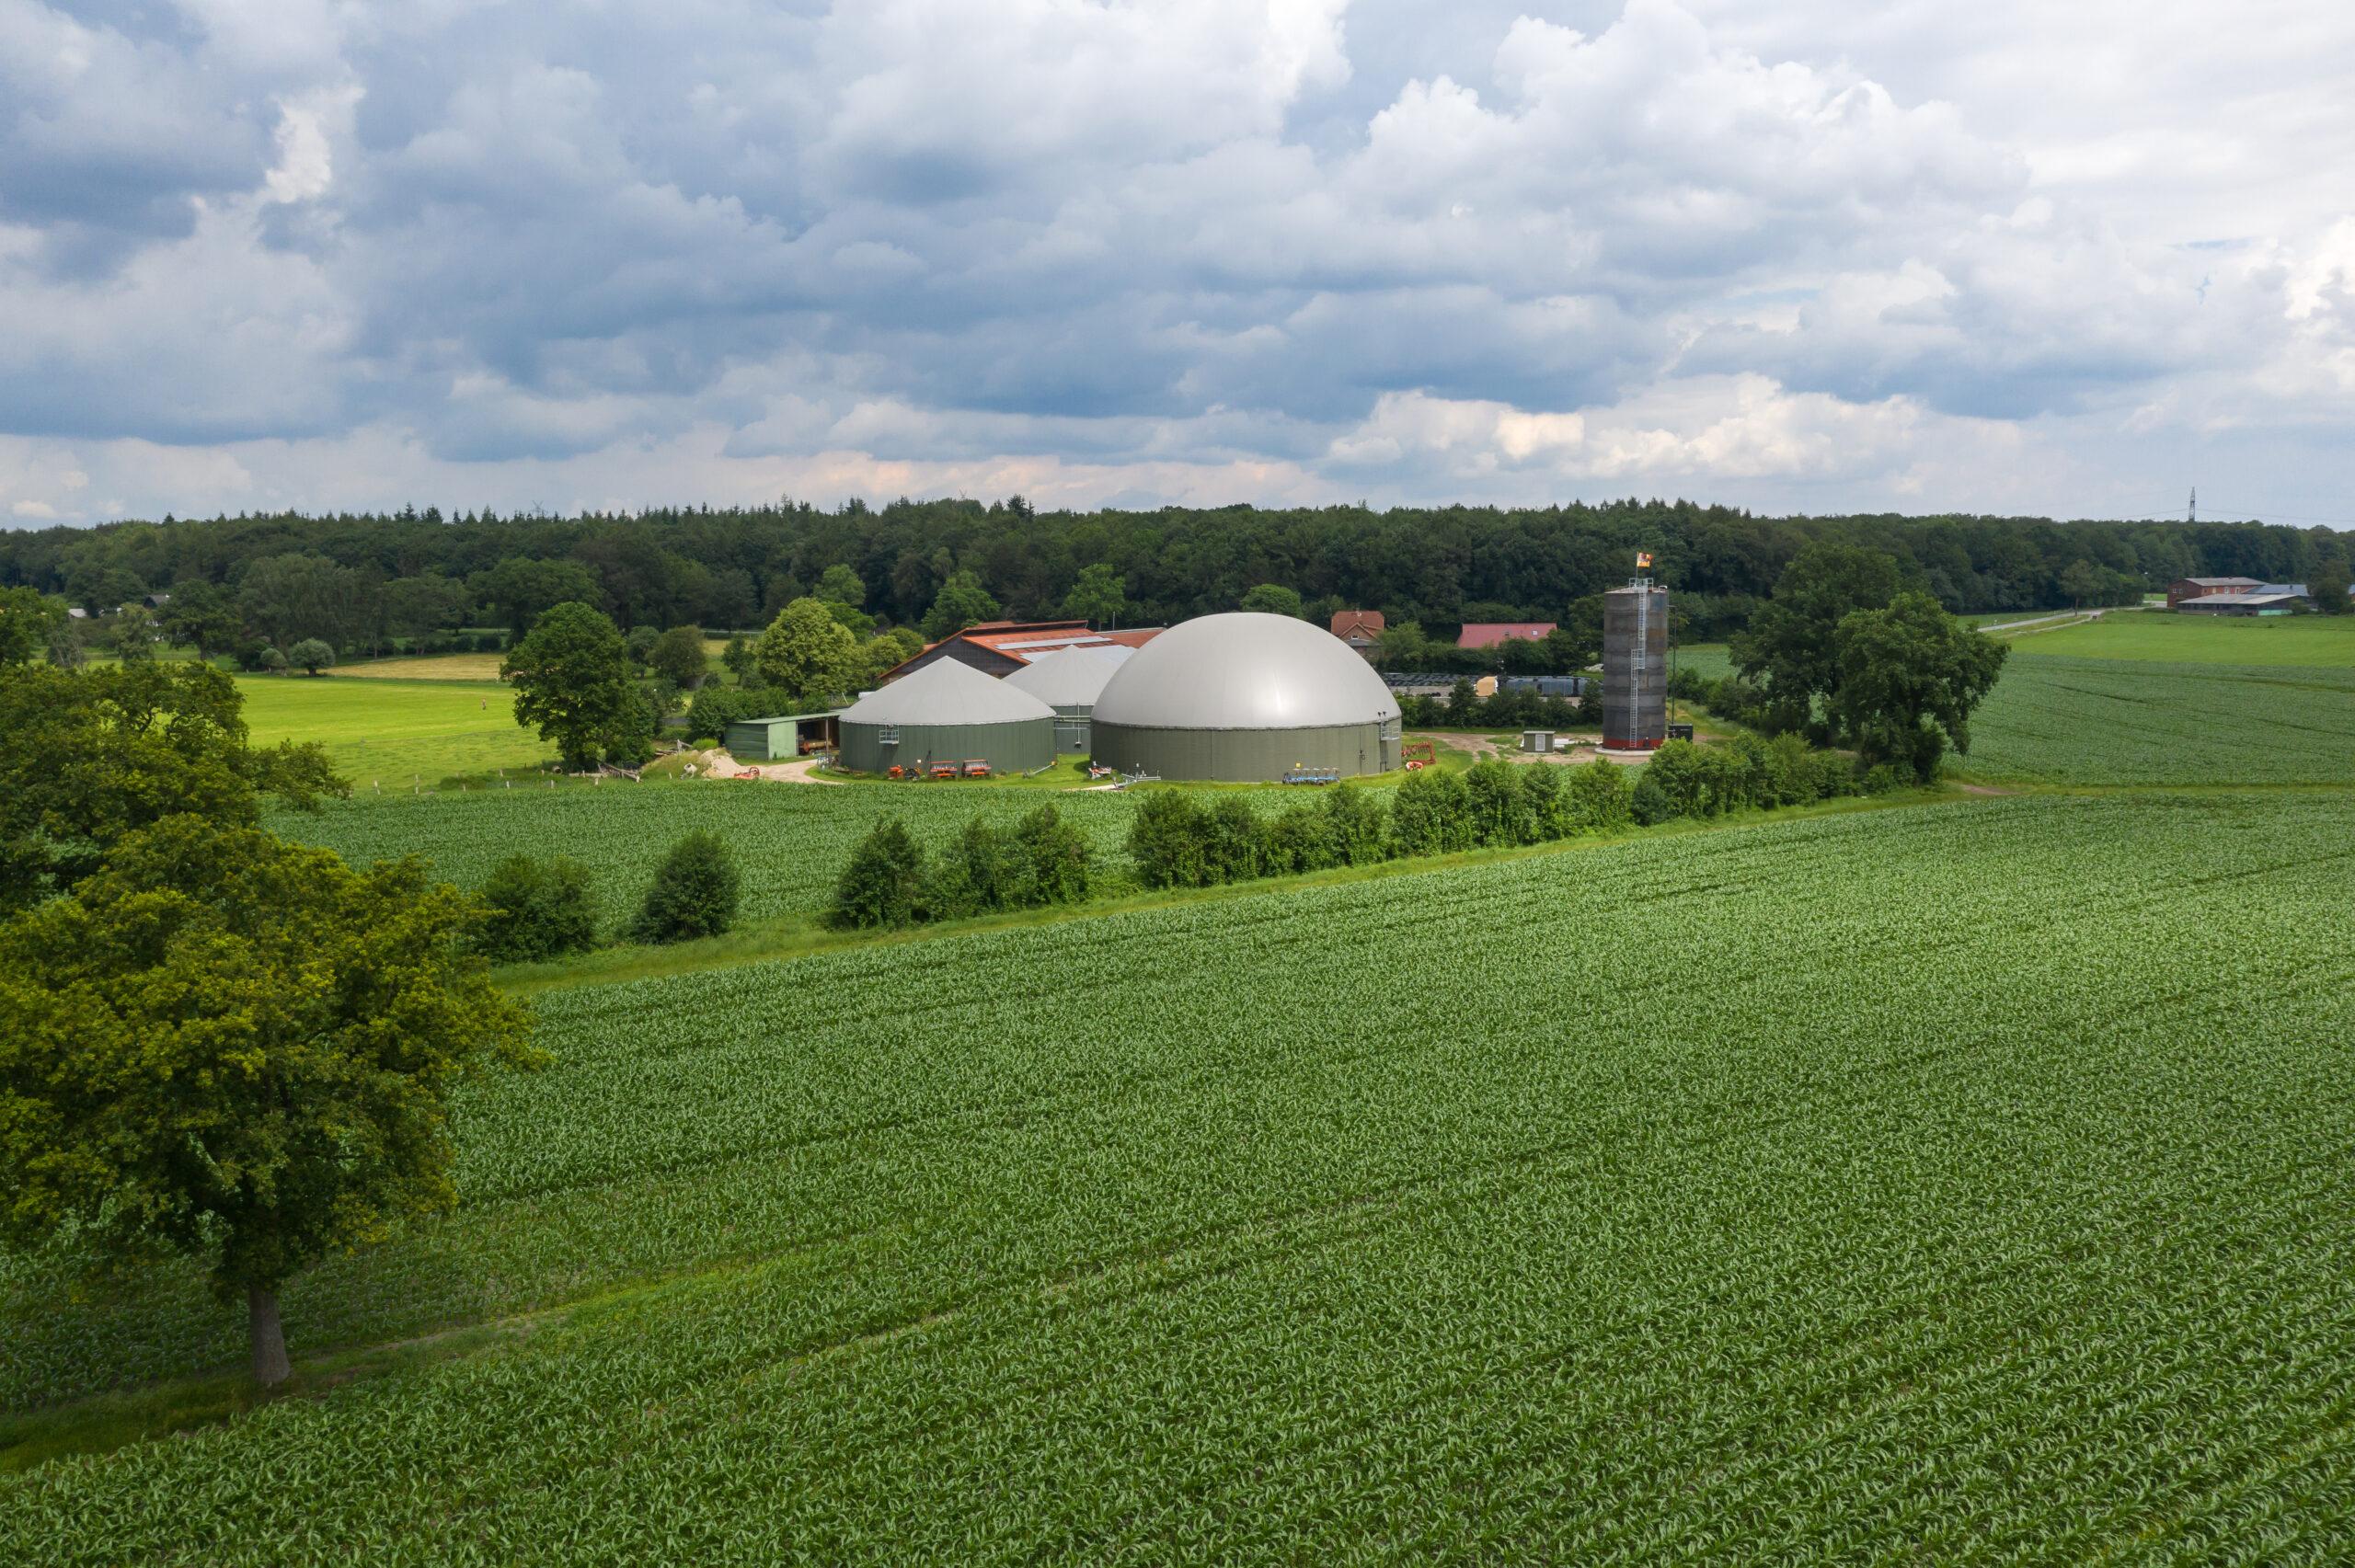 Biovoimalaitos luonnon ympäröimänä